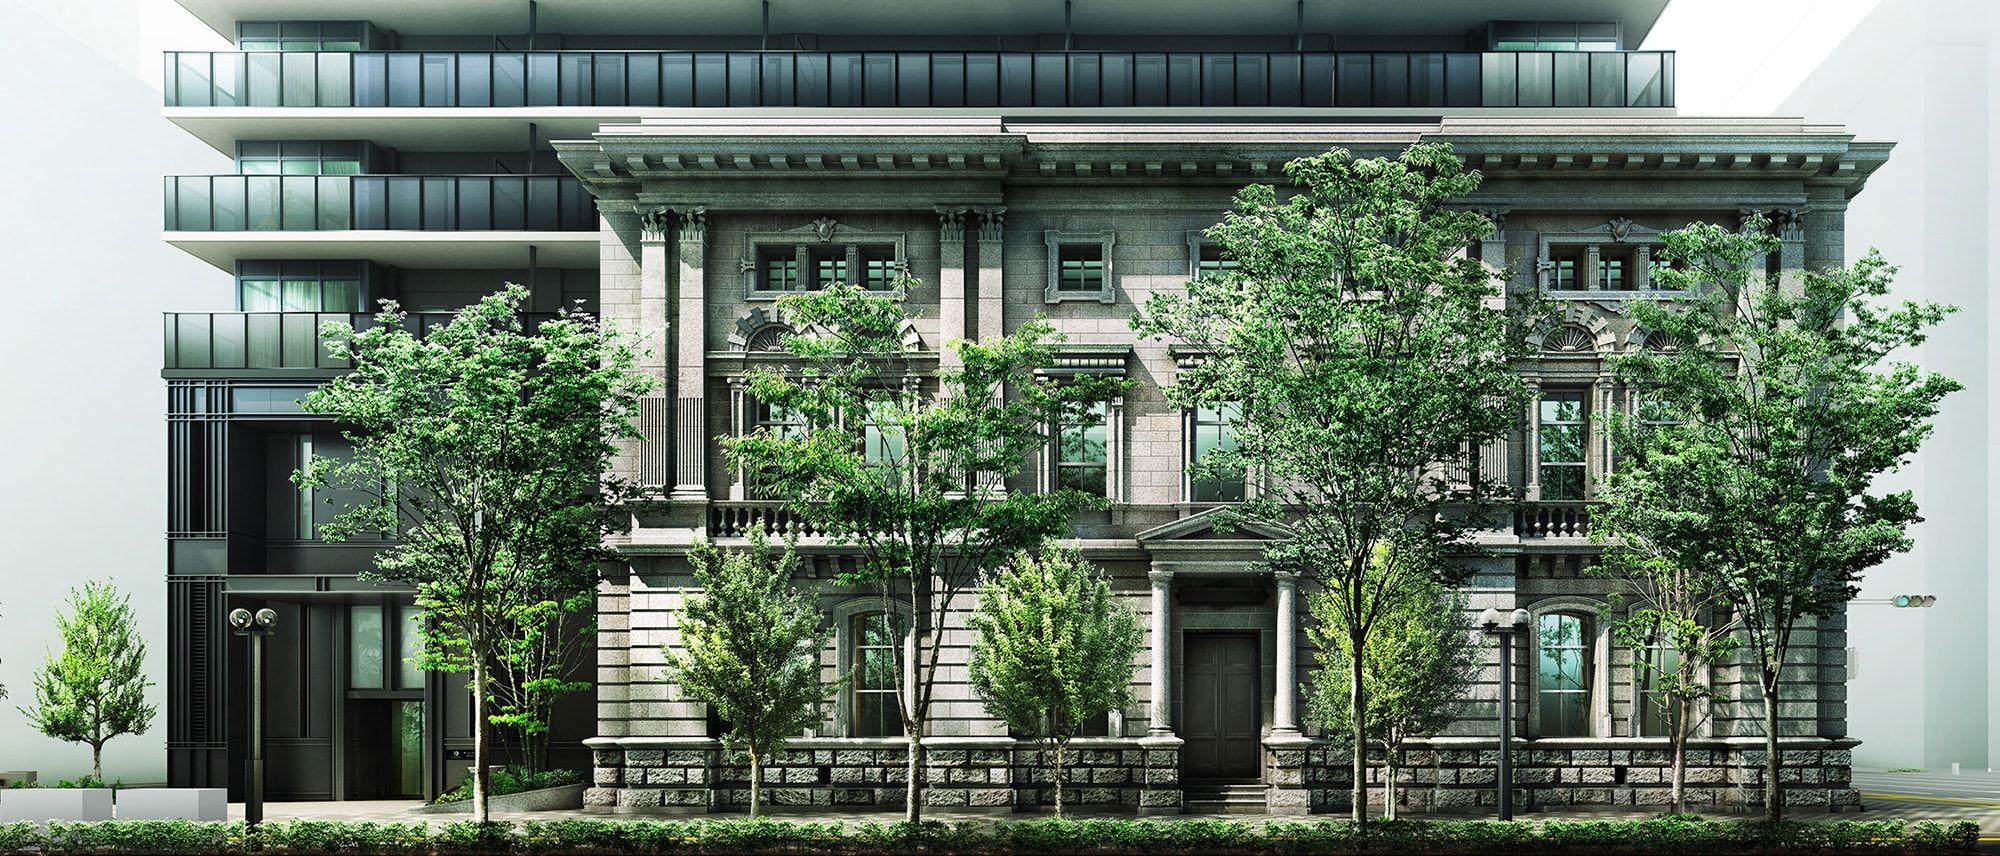 外観完成予想cg2 建築 ホームウェア デザイン